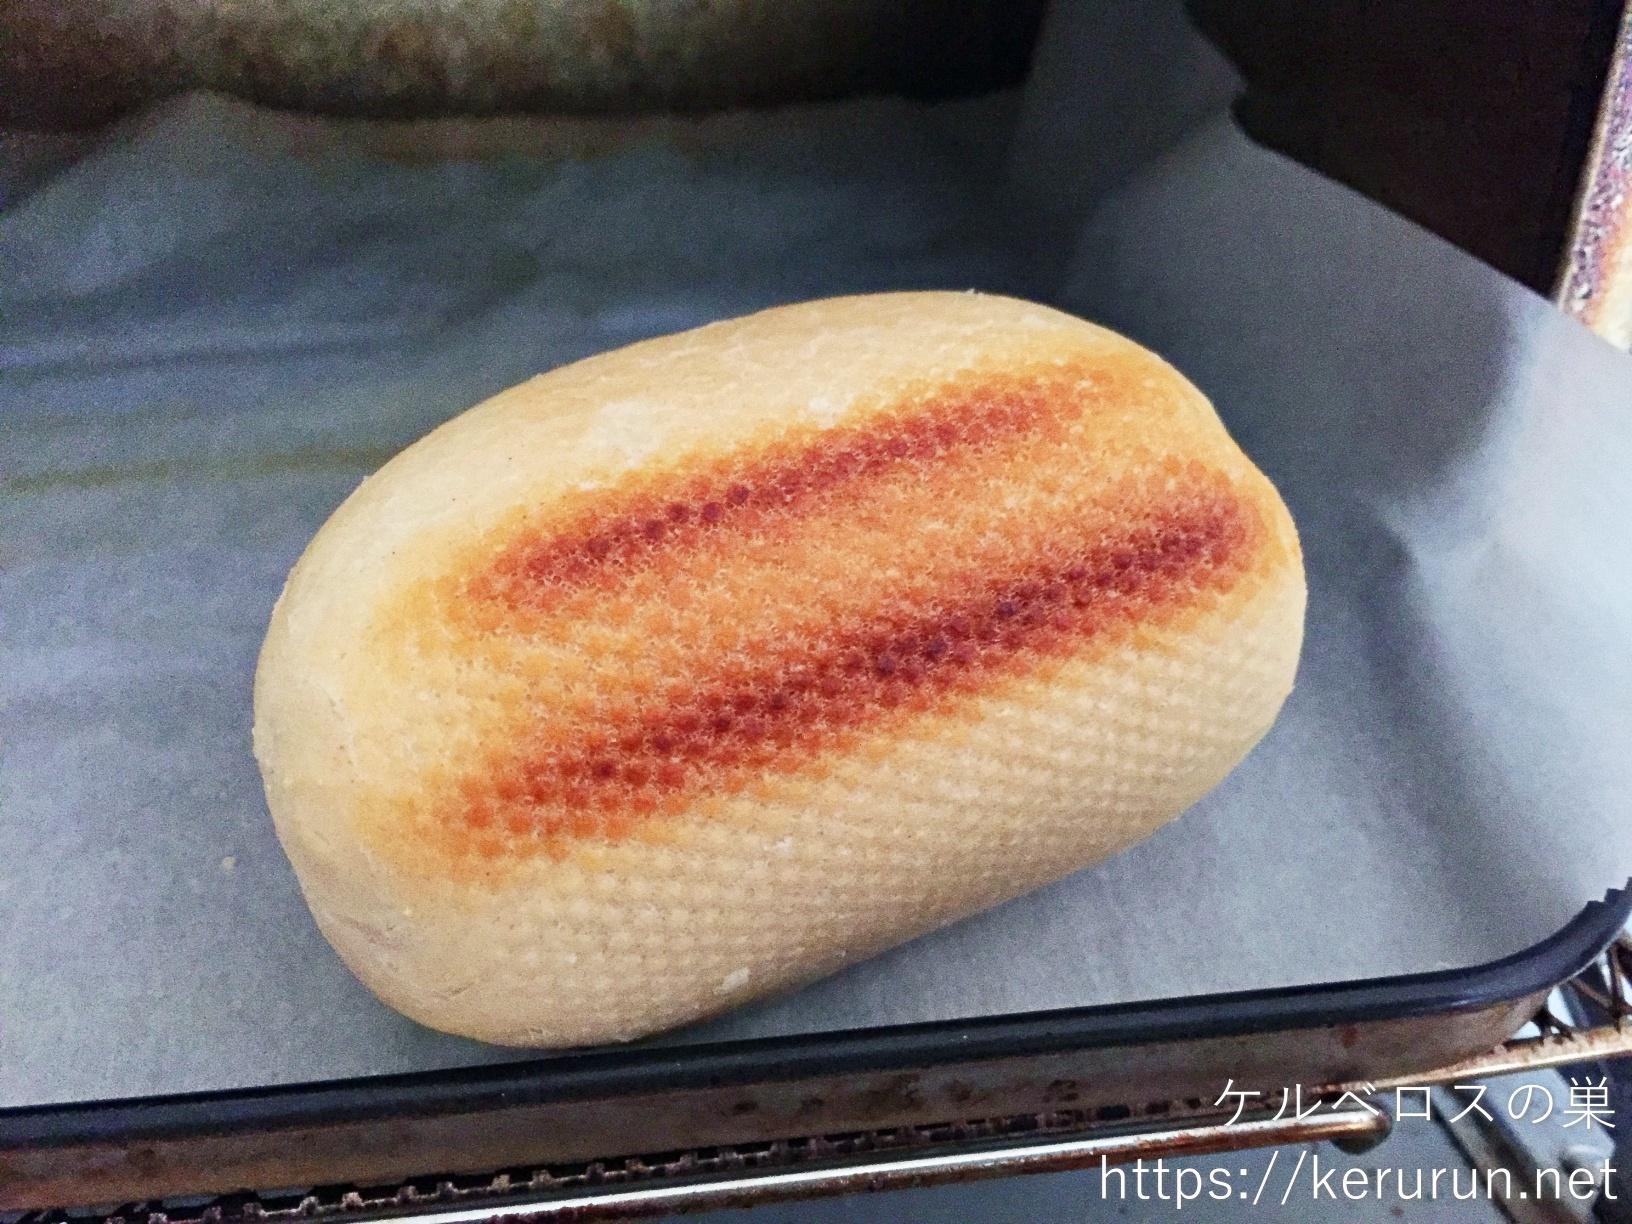 【コストコ】メニセーズ ミニパン